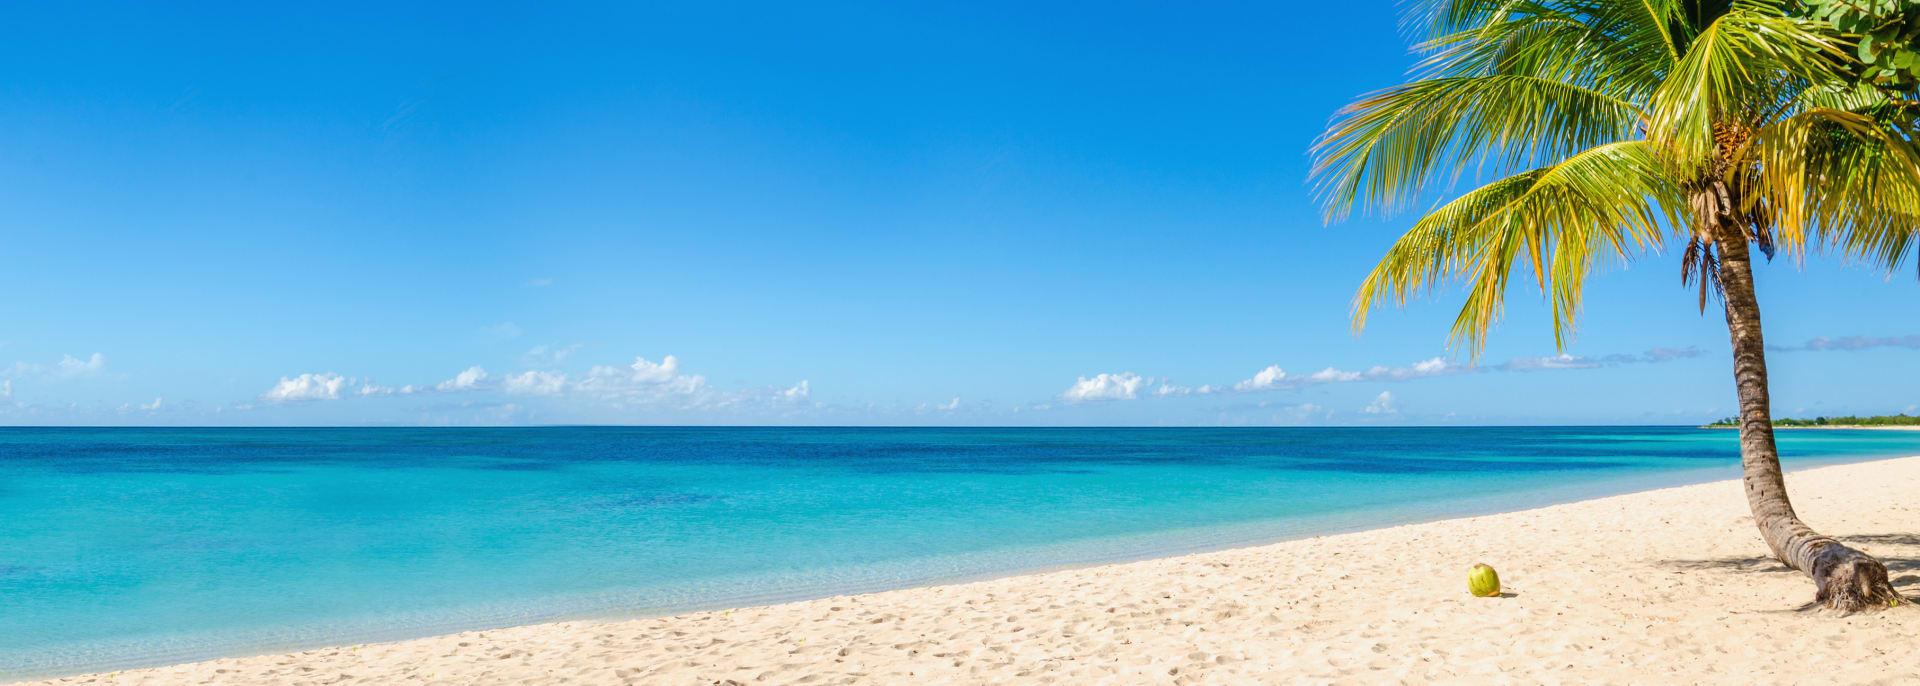 Schöner Sandstrand mit Kokospalmen und blauem Himmel, Kuba, Karibische Inseln